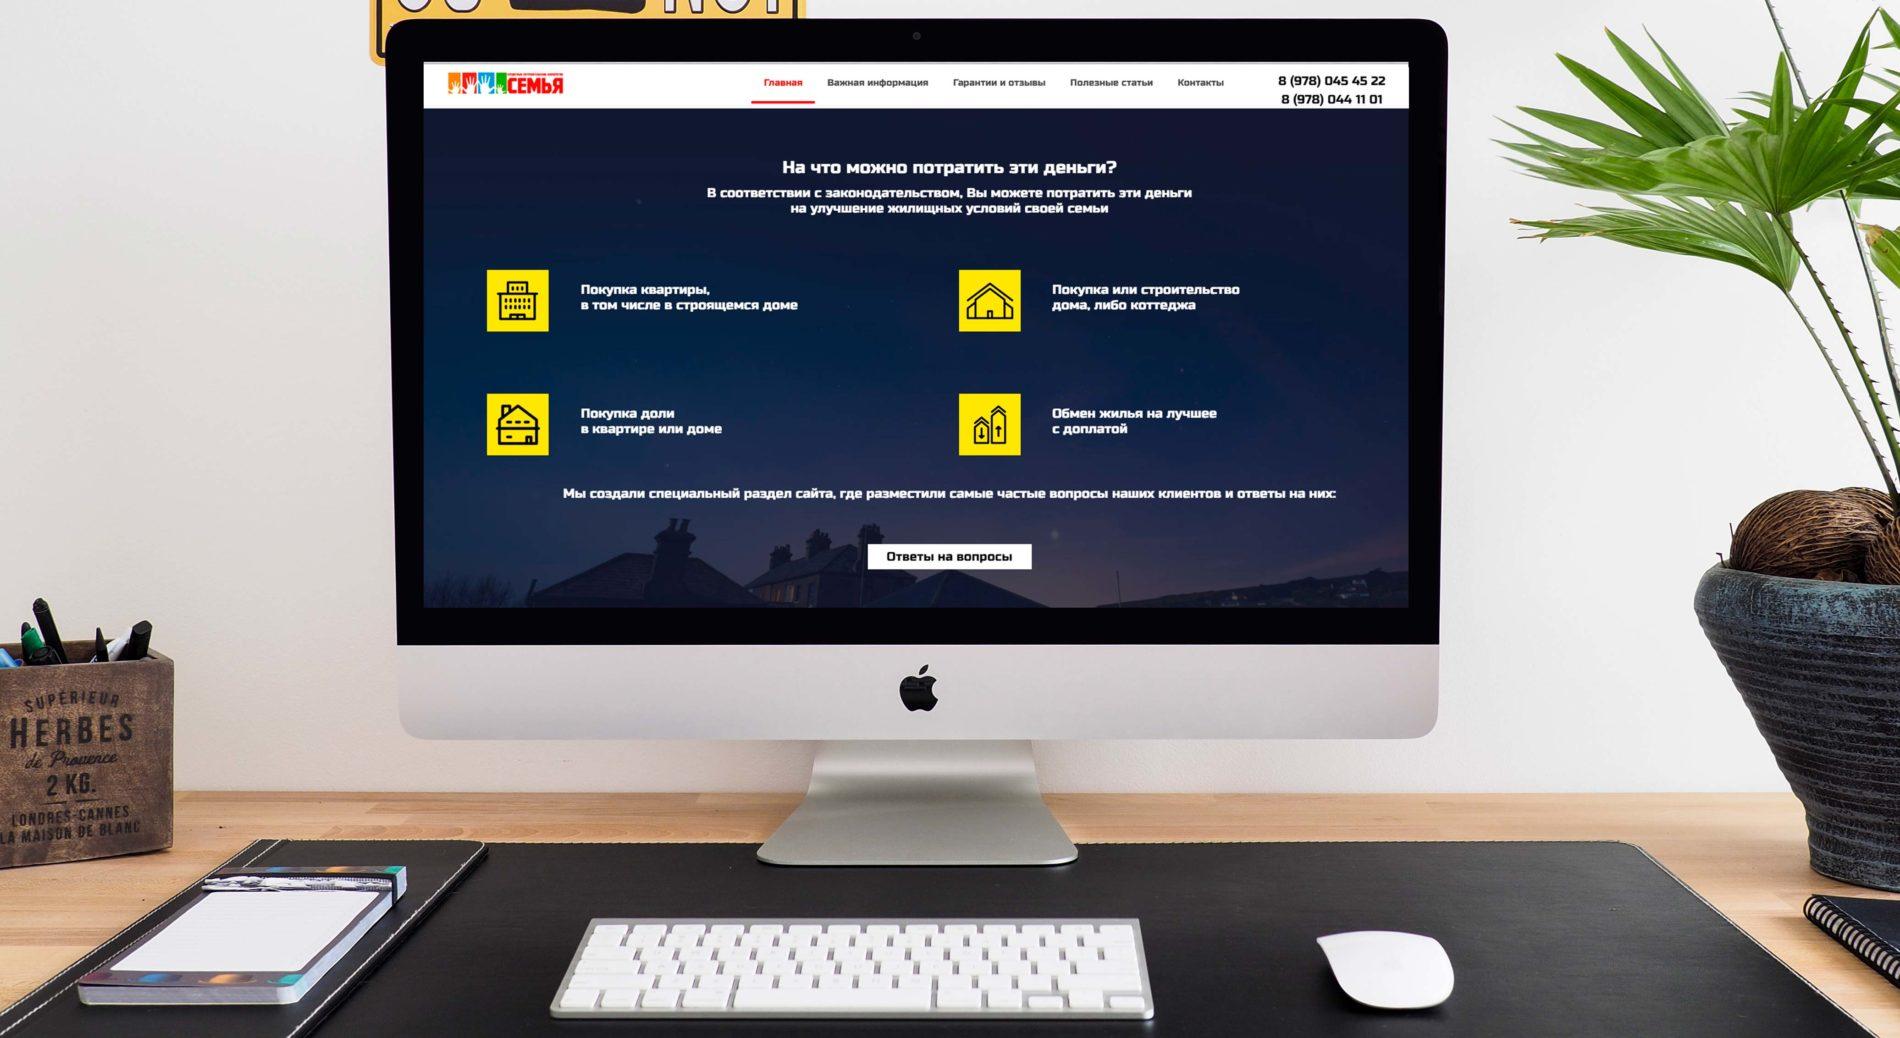 Создание и продвижение сайта кредитной организации